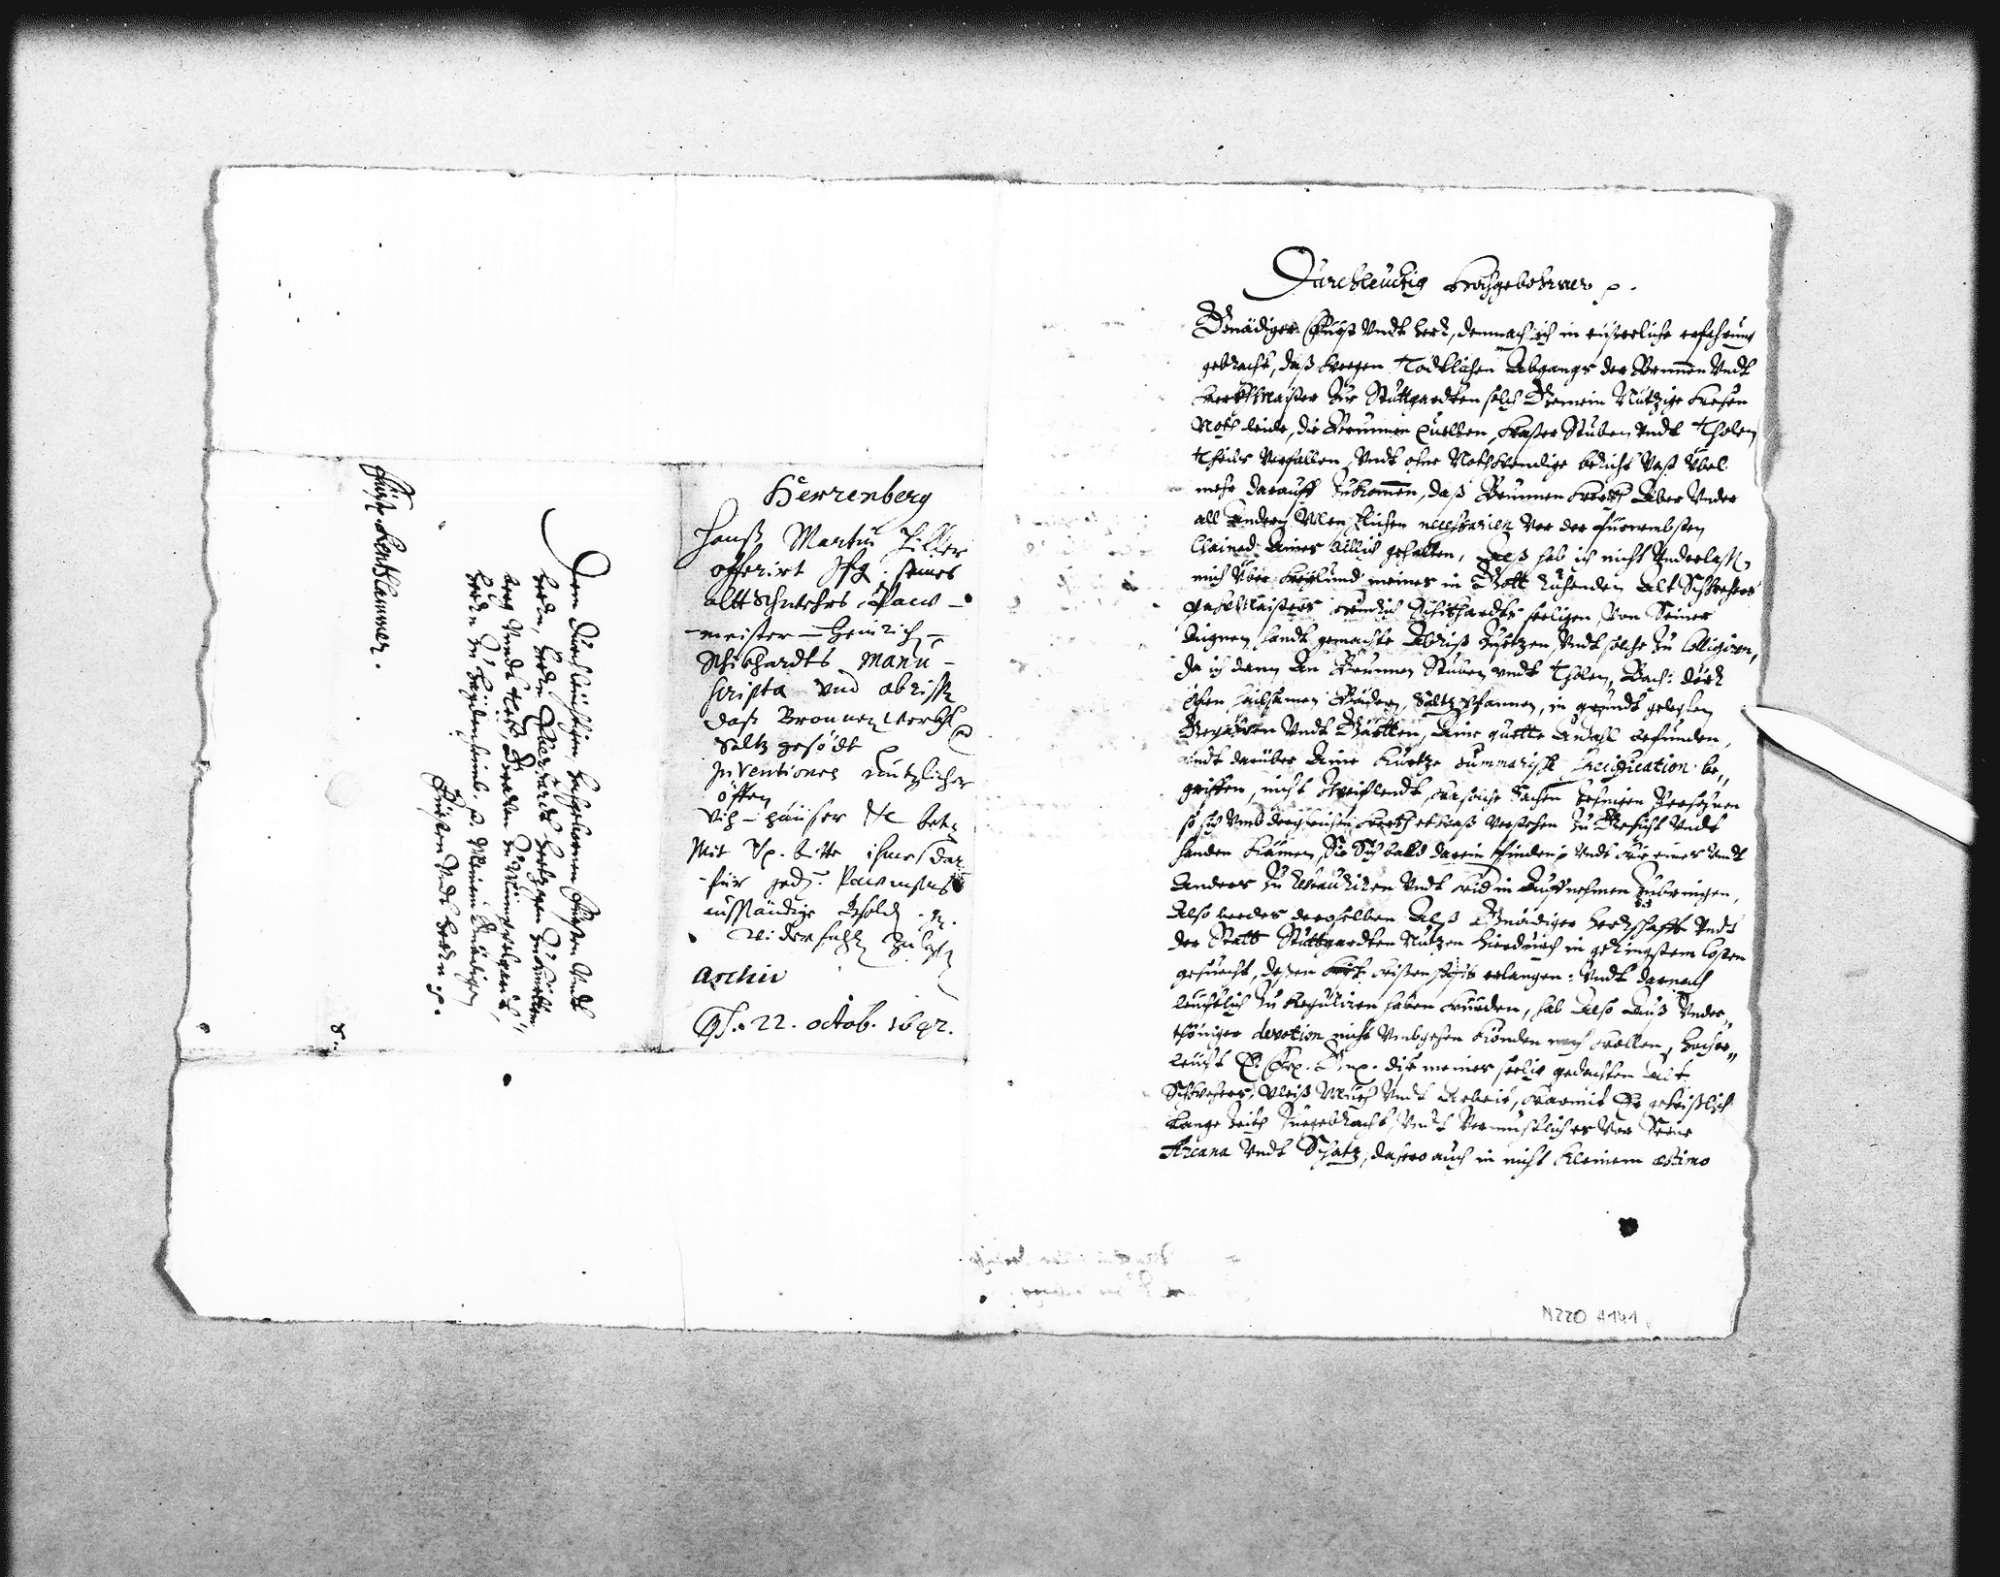 Johann Martin Hiller, Ehemann der Enkelin Heinrich Schickhardts, bietet dem Herzog Eberhard bzw. der Rentkammer die Sammlung von Manuskripten und Plänen Heinrich Schickhardts an, Bild 1